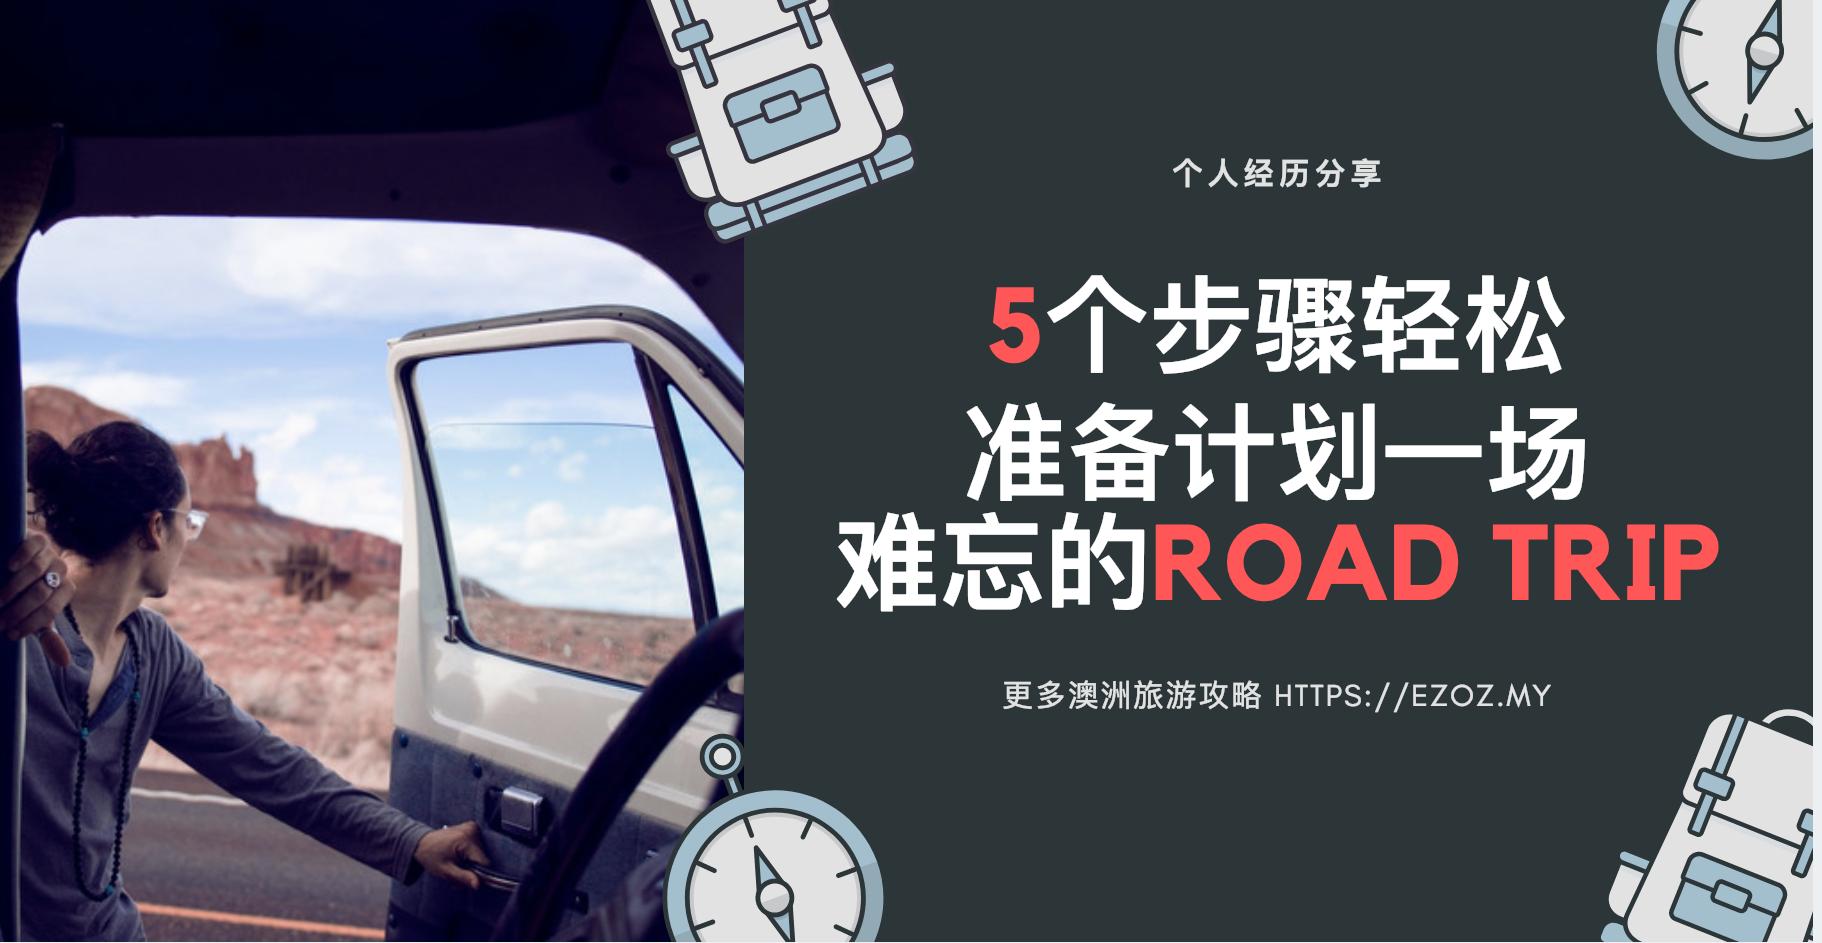 5个步骤准备road trip